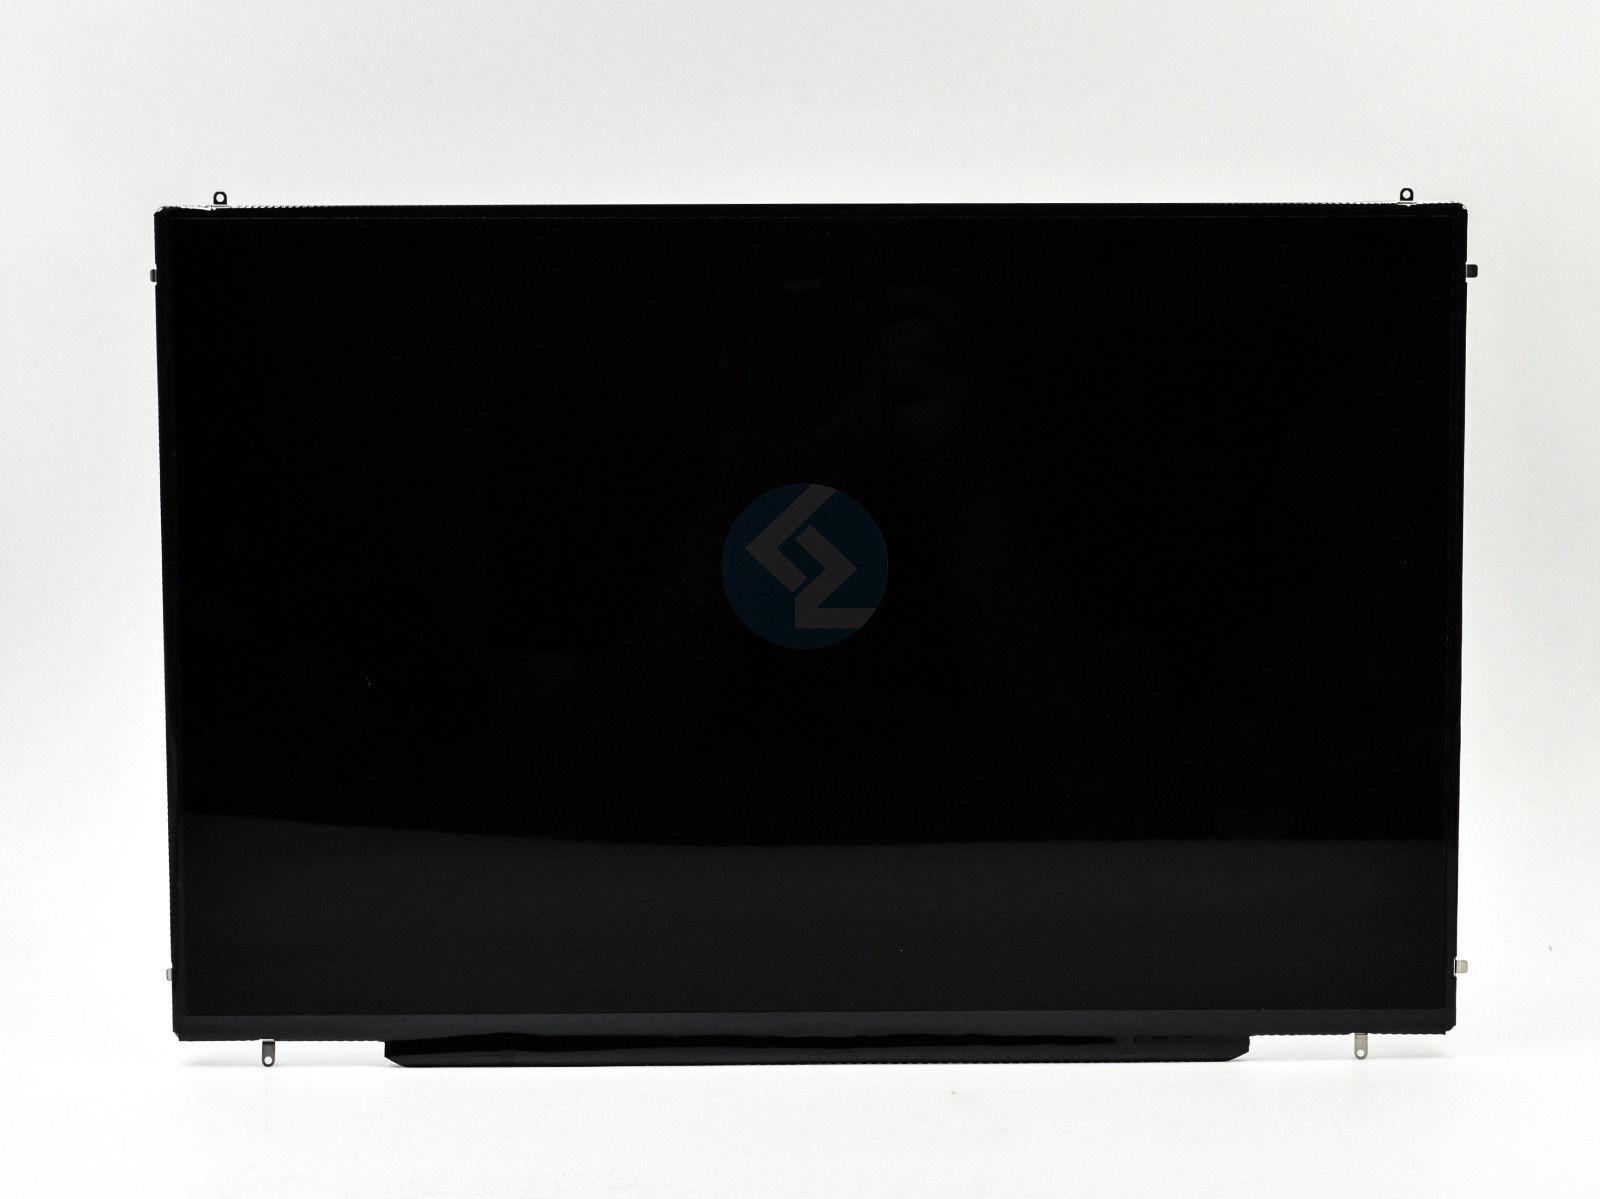 Thay màn hình Macbook 17 inch A1297 2009 2010 2011 LCD sreen apple macbook A1297 LTN170CT10